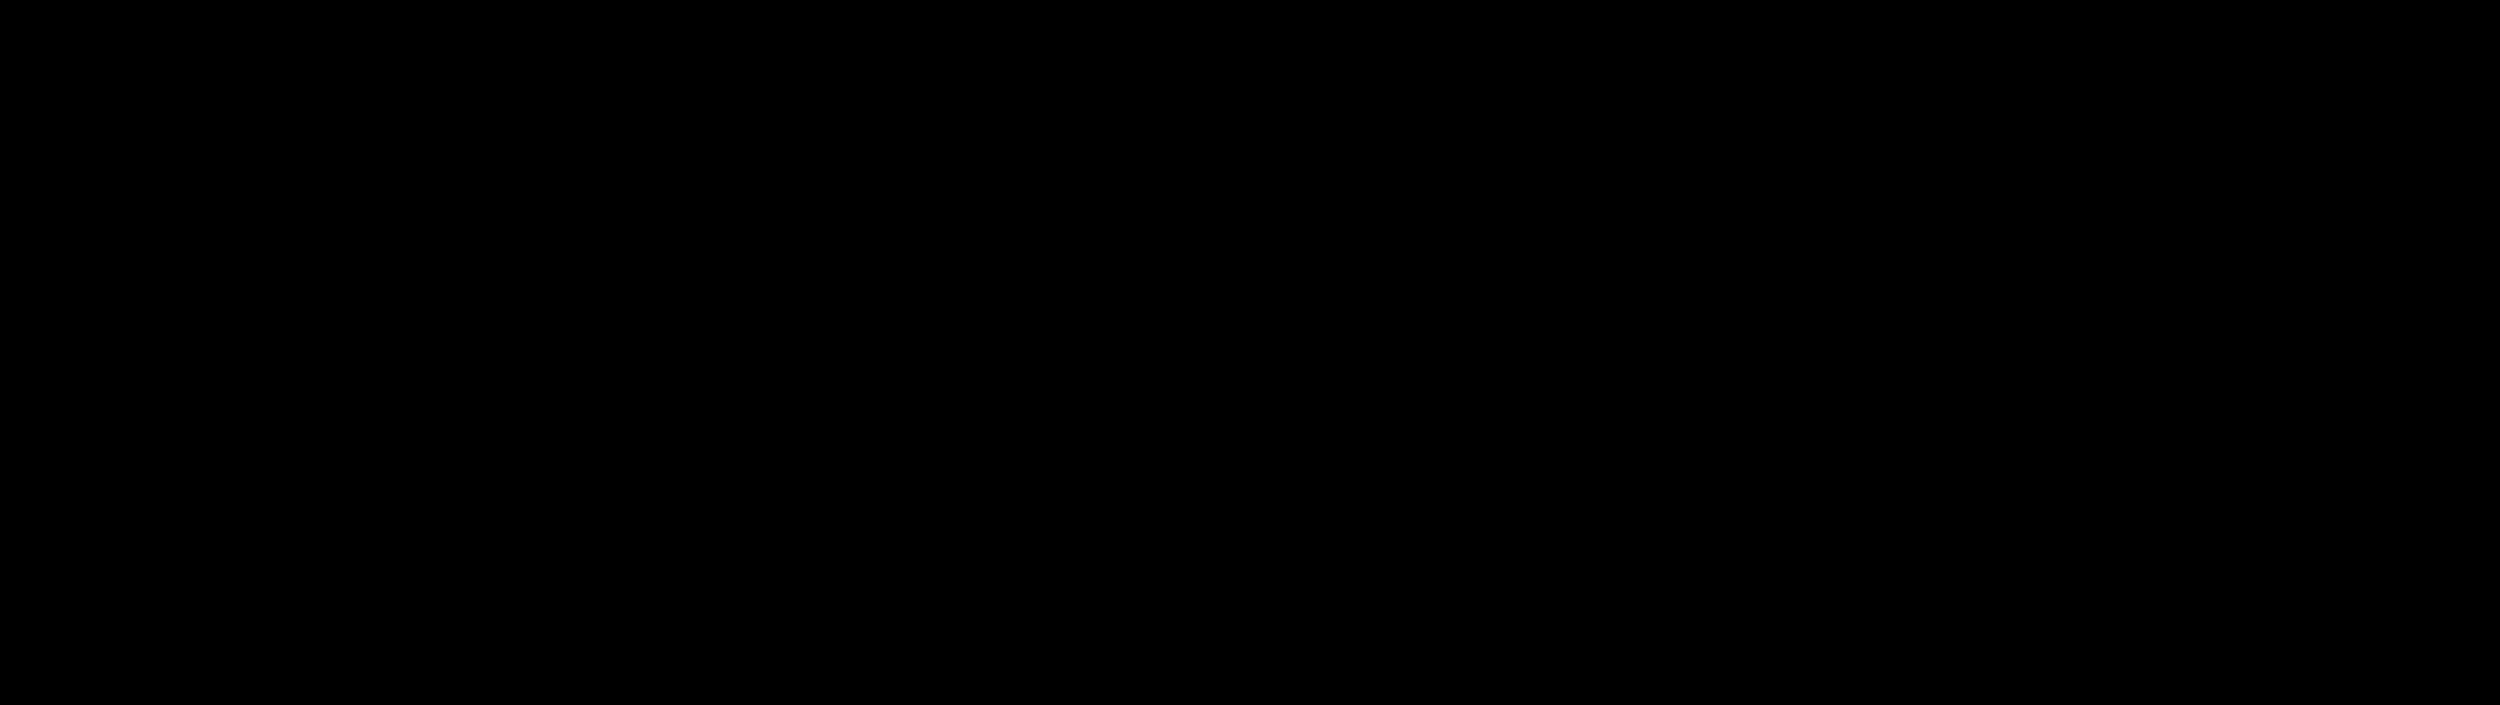 full branding logo.png